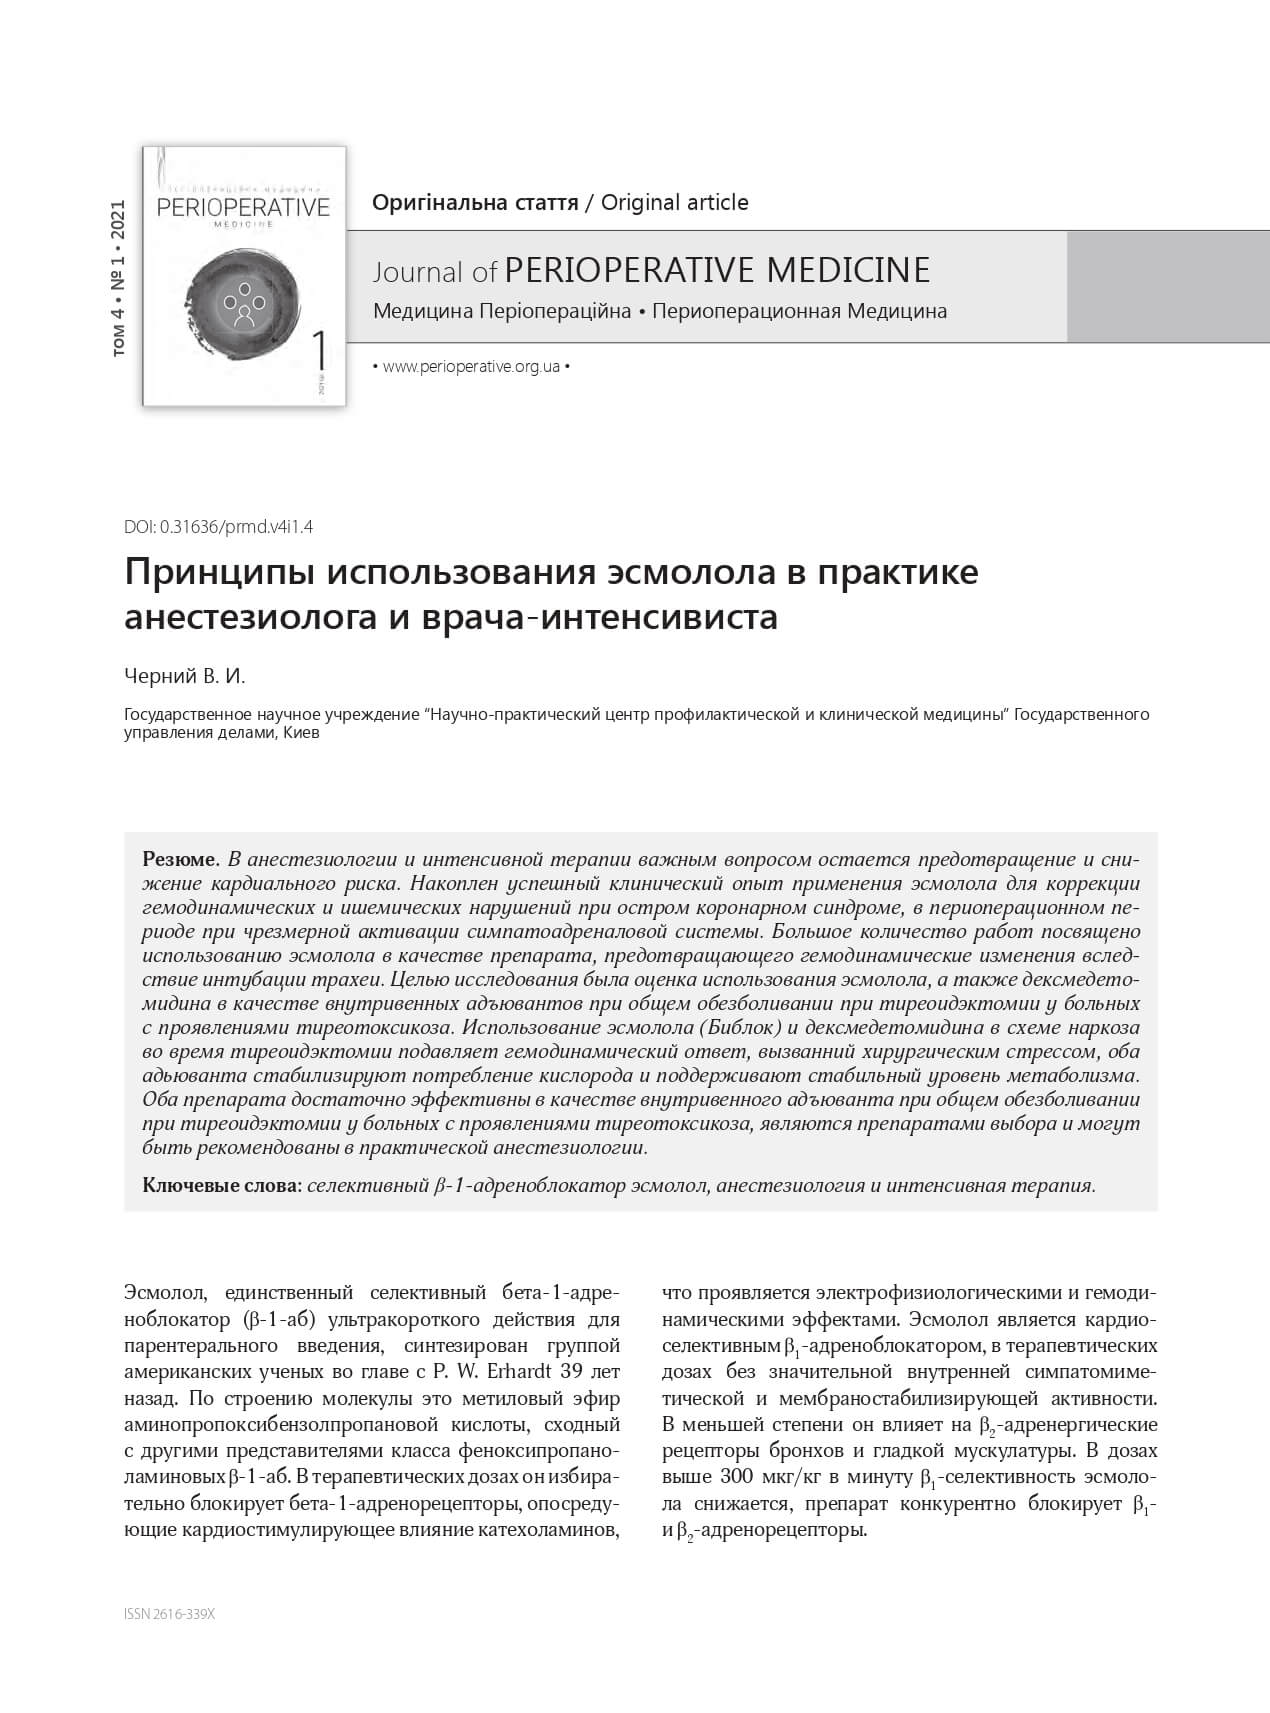 Принципы использования эсмолола в практике анестезиолога и врача-интенсивиста